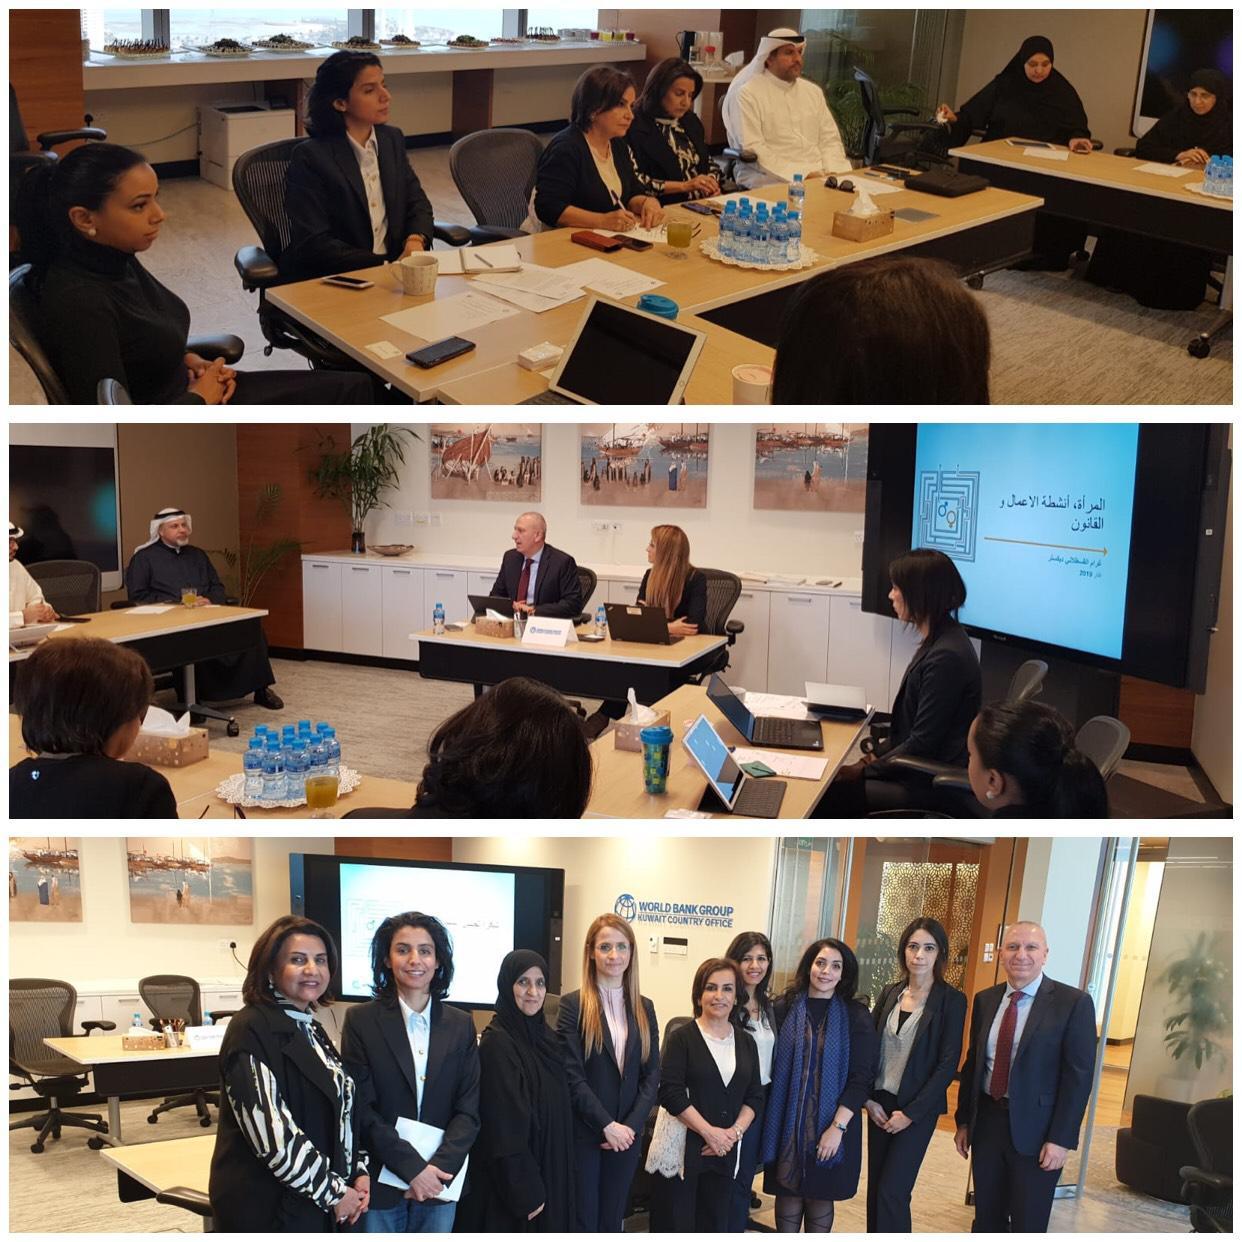 مشاركة الجمعية في الحلقه النقاشيه التي أقامها البنك الدولي ضمن سلسله الحوارات مع المجتمع المدني للتباحث حول القضايا الاجتماعية والاقتصادية التي تخص المراه في الكويت.